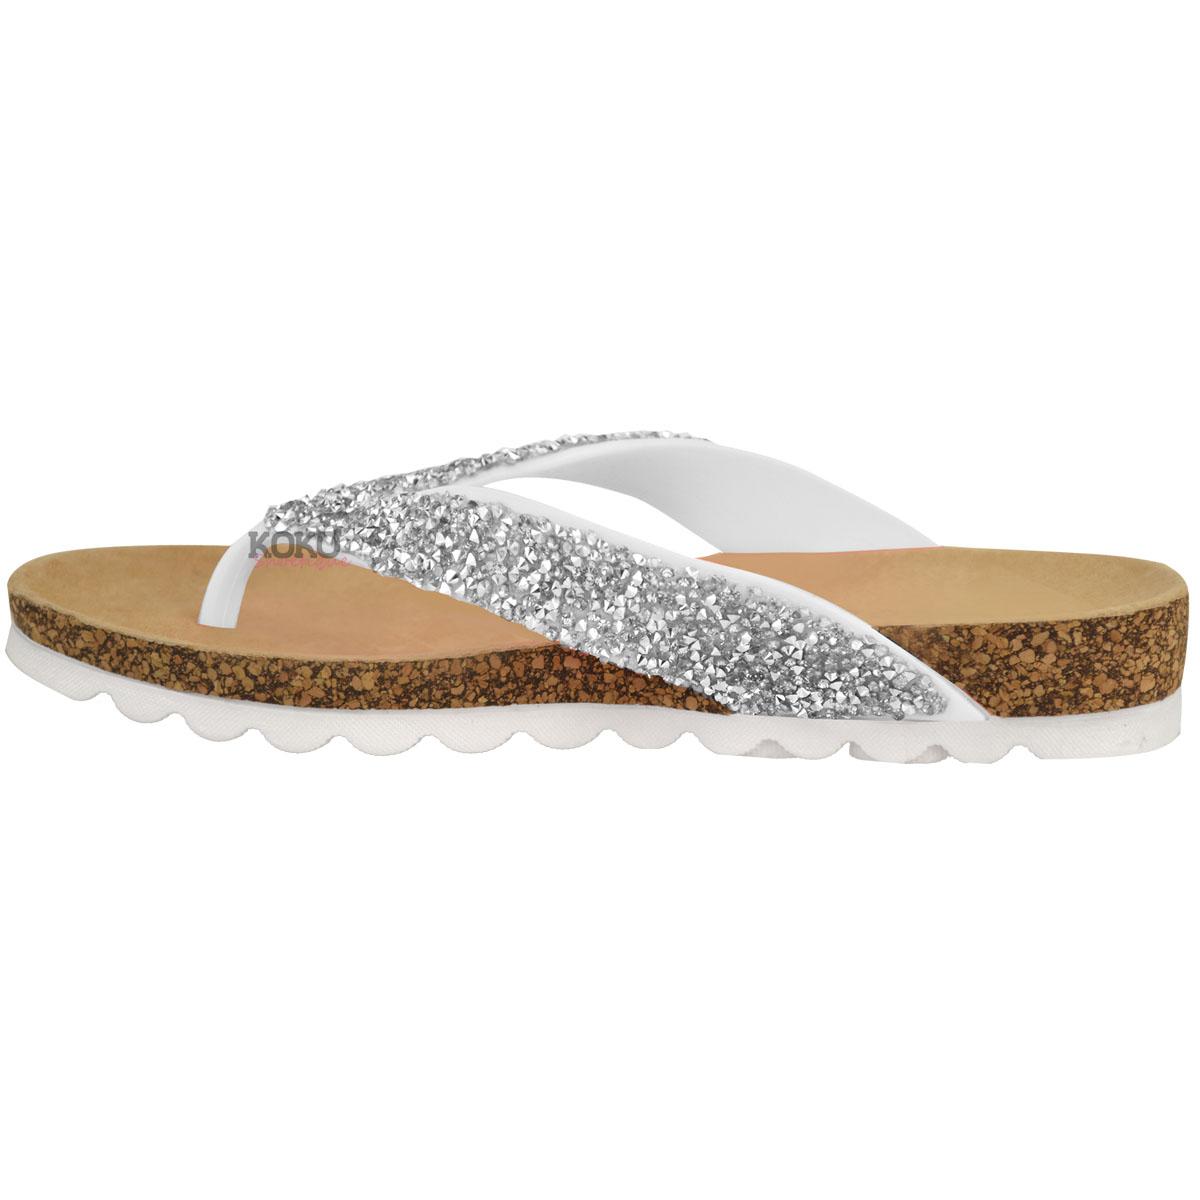 Damen Zehentrennersandalen - bequeme flache Sandalen mit gepolsterter Gel-Sohle - Weiß - EUR 36 LruADvDFF